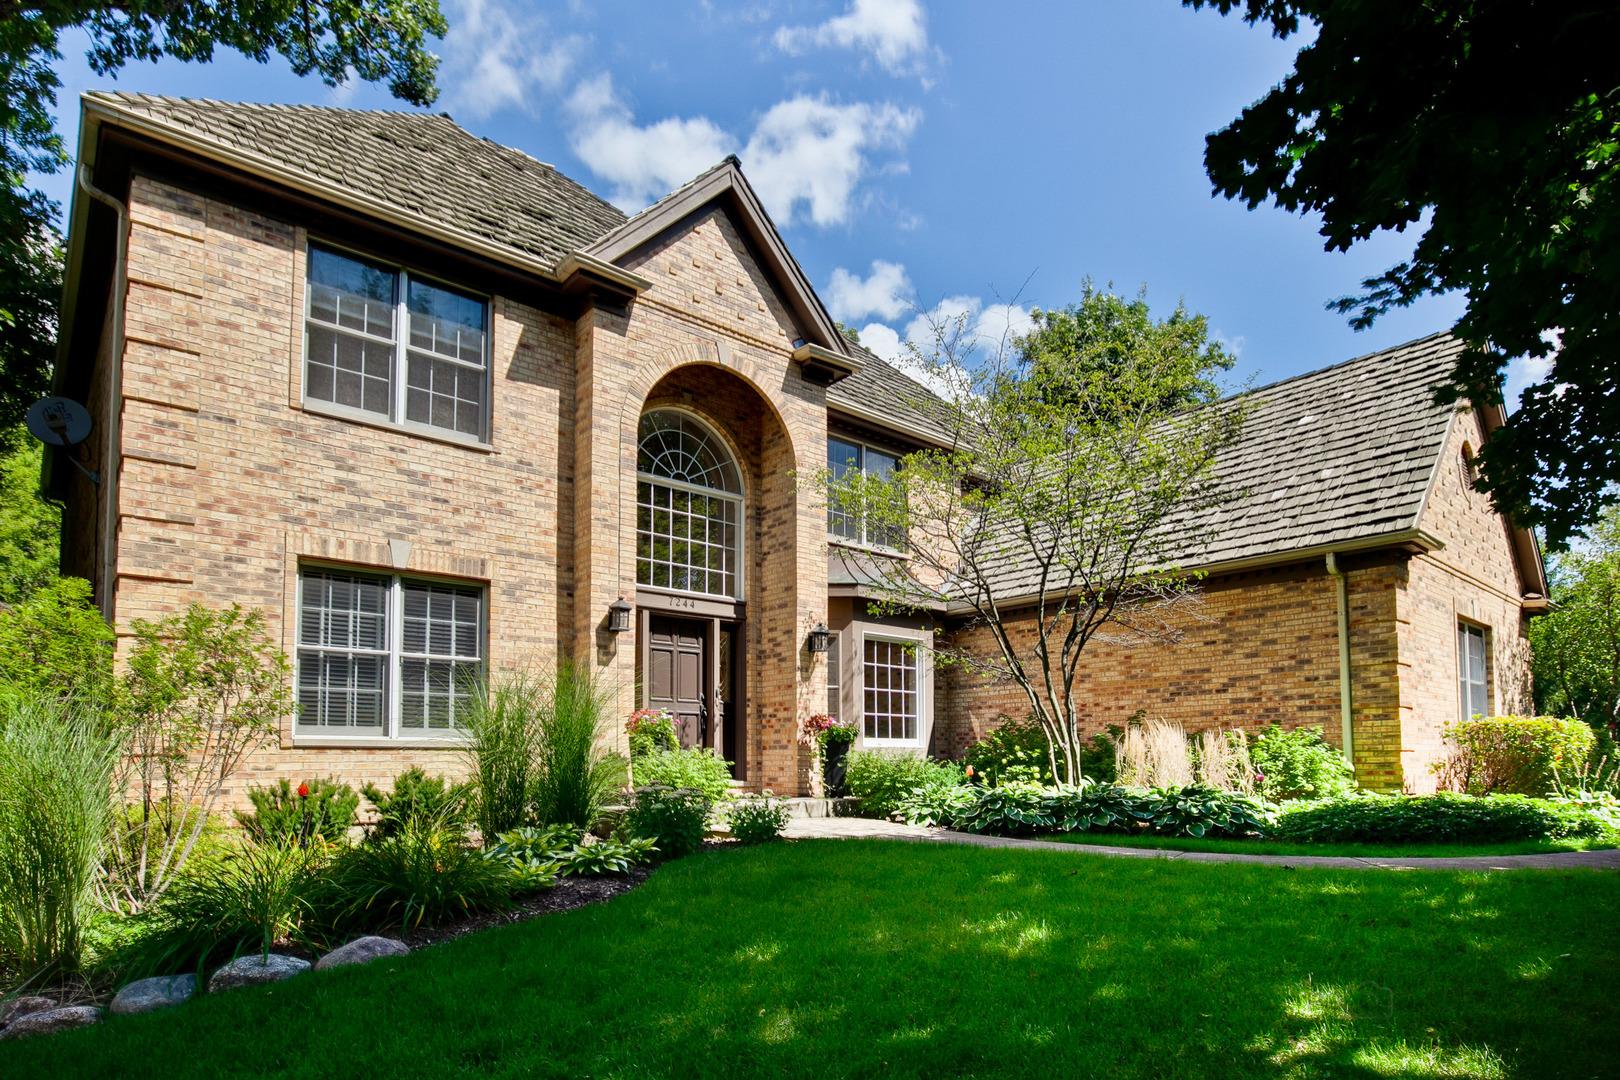 7244 Brae Court, Gurnee, Illinois 60031